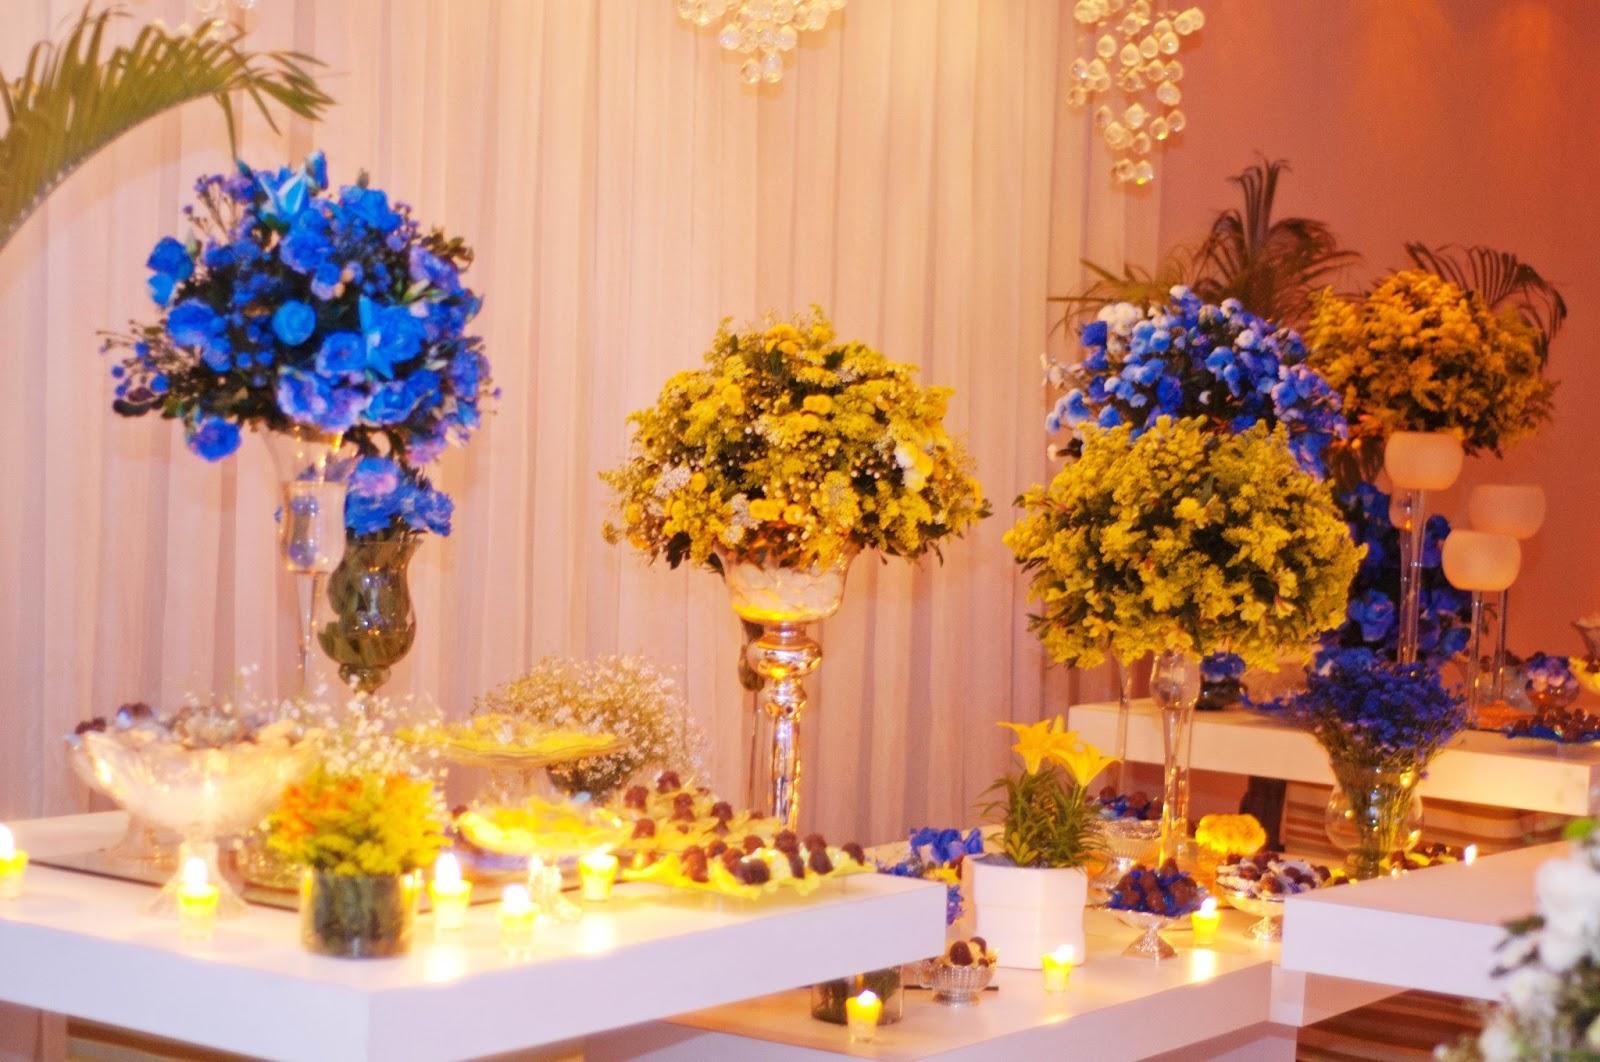 decoracao de igreja para casamento azul e amarelo : decoracao de igreja para casamento azul e amarelo:Decor+casamento+azul+e+amarelo+03.jpg